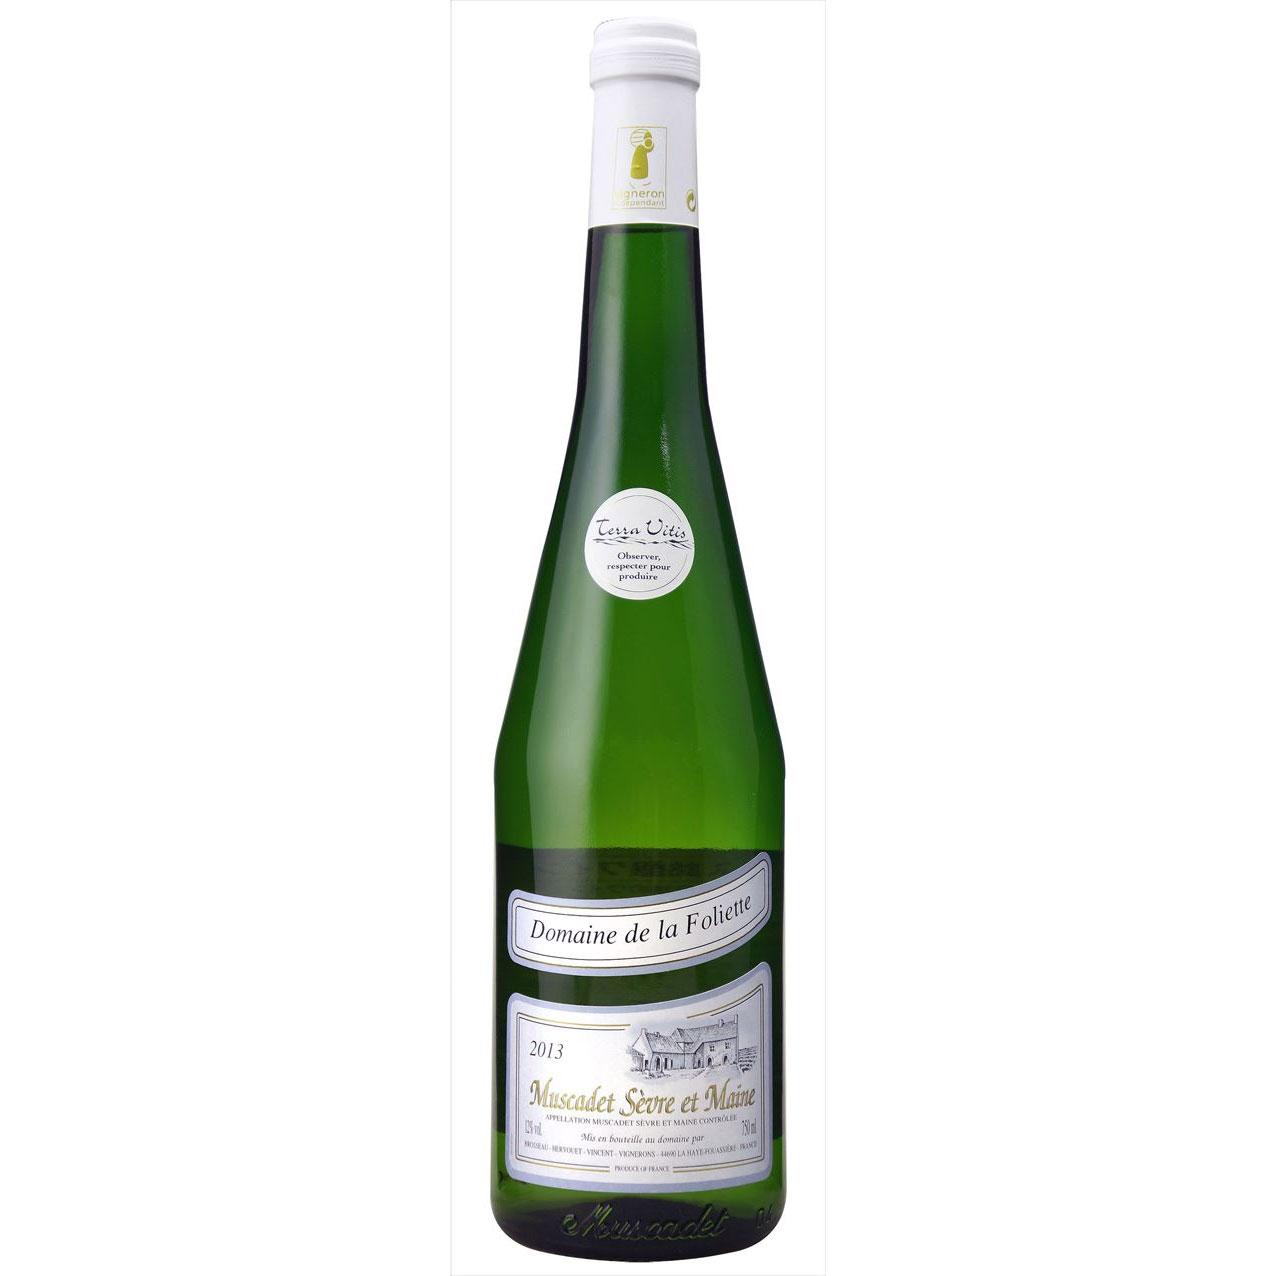 父の日 プレゼント ギフト ミュスカデ セーヴル エ メーヌ Dom.ド ラ フォリエット ドメーヌ ド ラ フォリエット 白 750ml 12本 フランス ロワール 白ワイン 送料無料 コンビニ受取対応商品 ヴィンテージ管理しておりません、変わる場合があります ラッキーシール対応